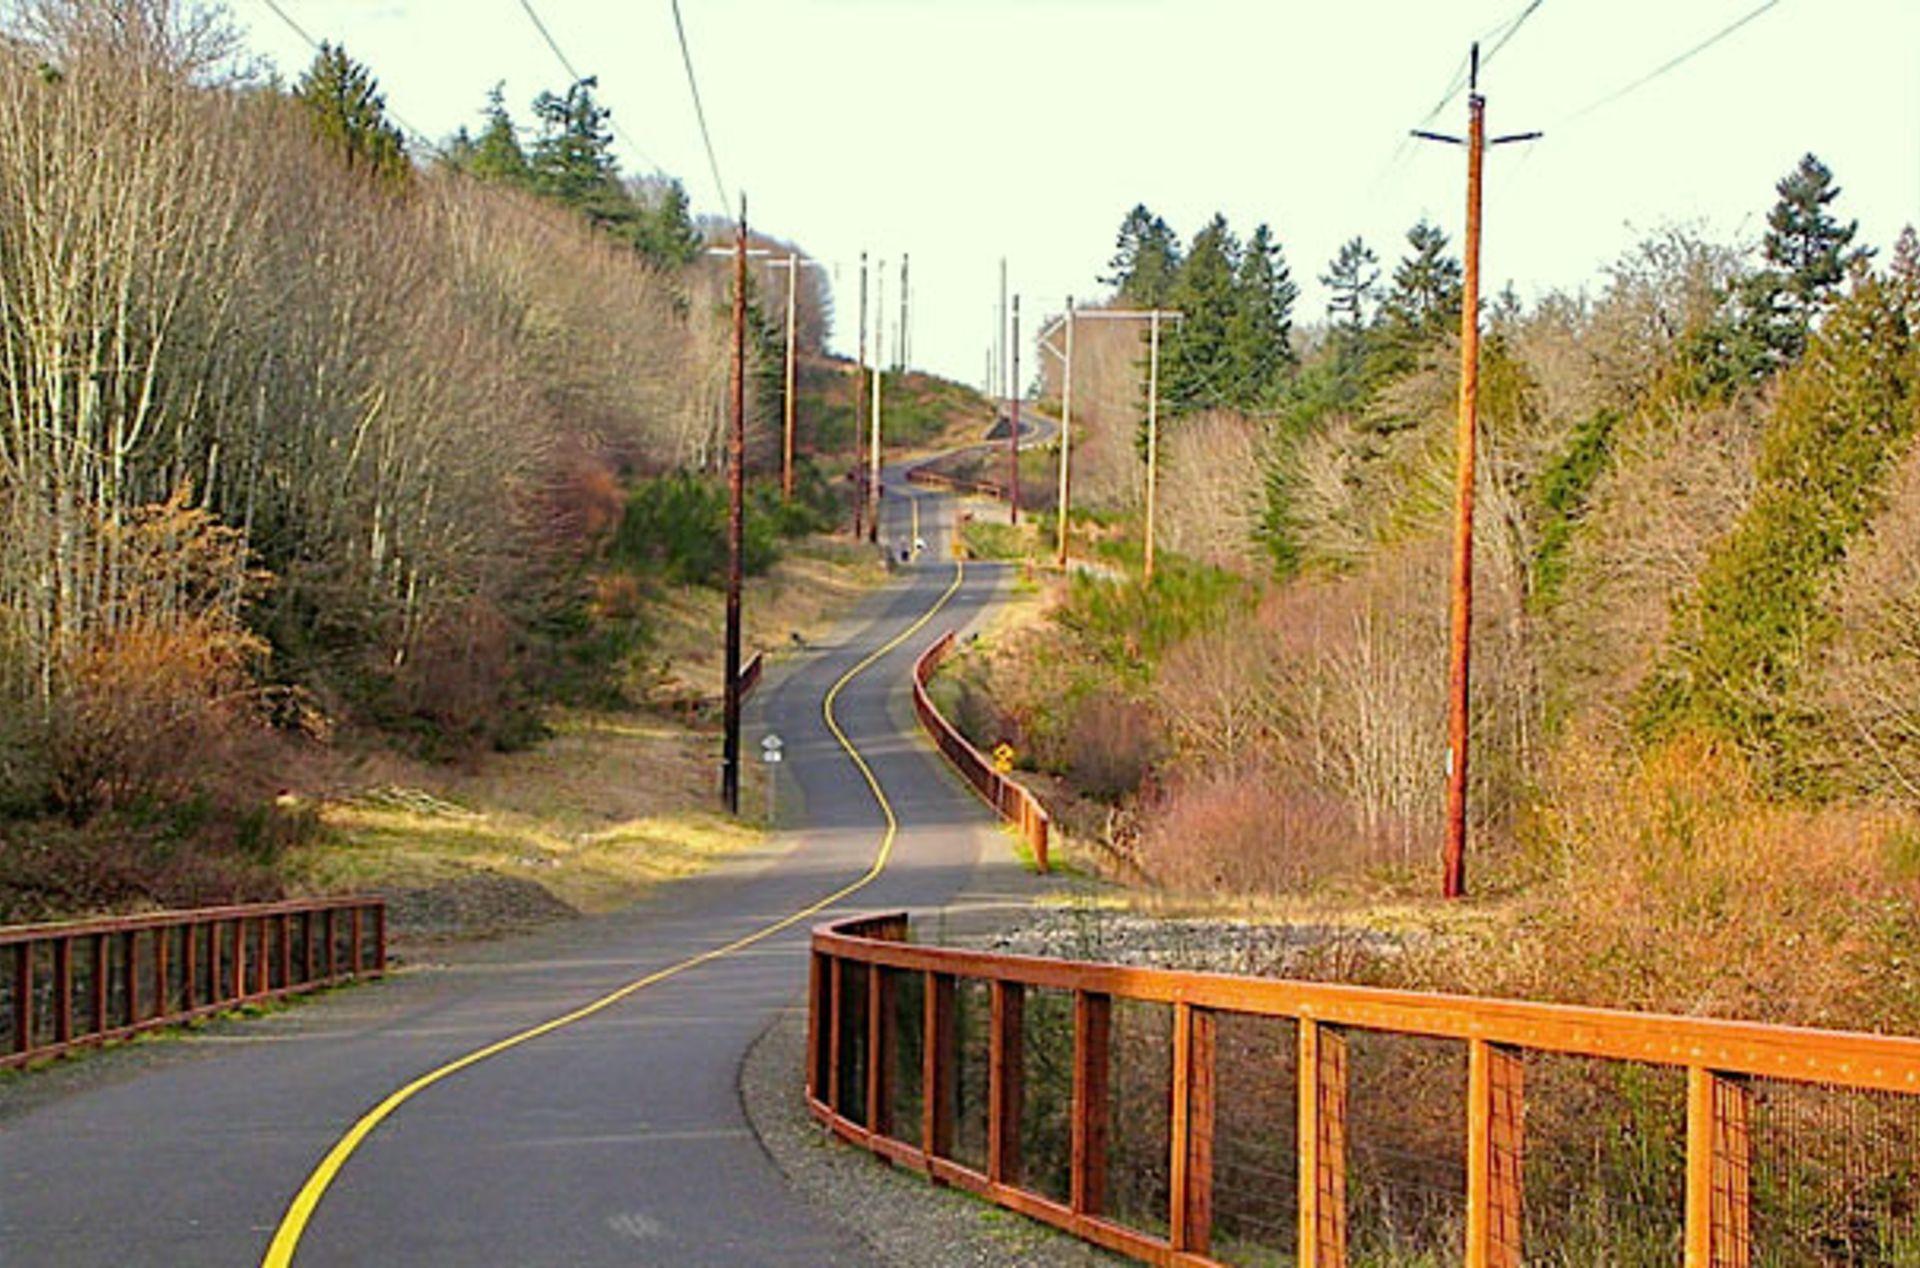 Walk/Run/Ride the Cushman Trail!